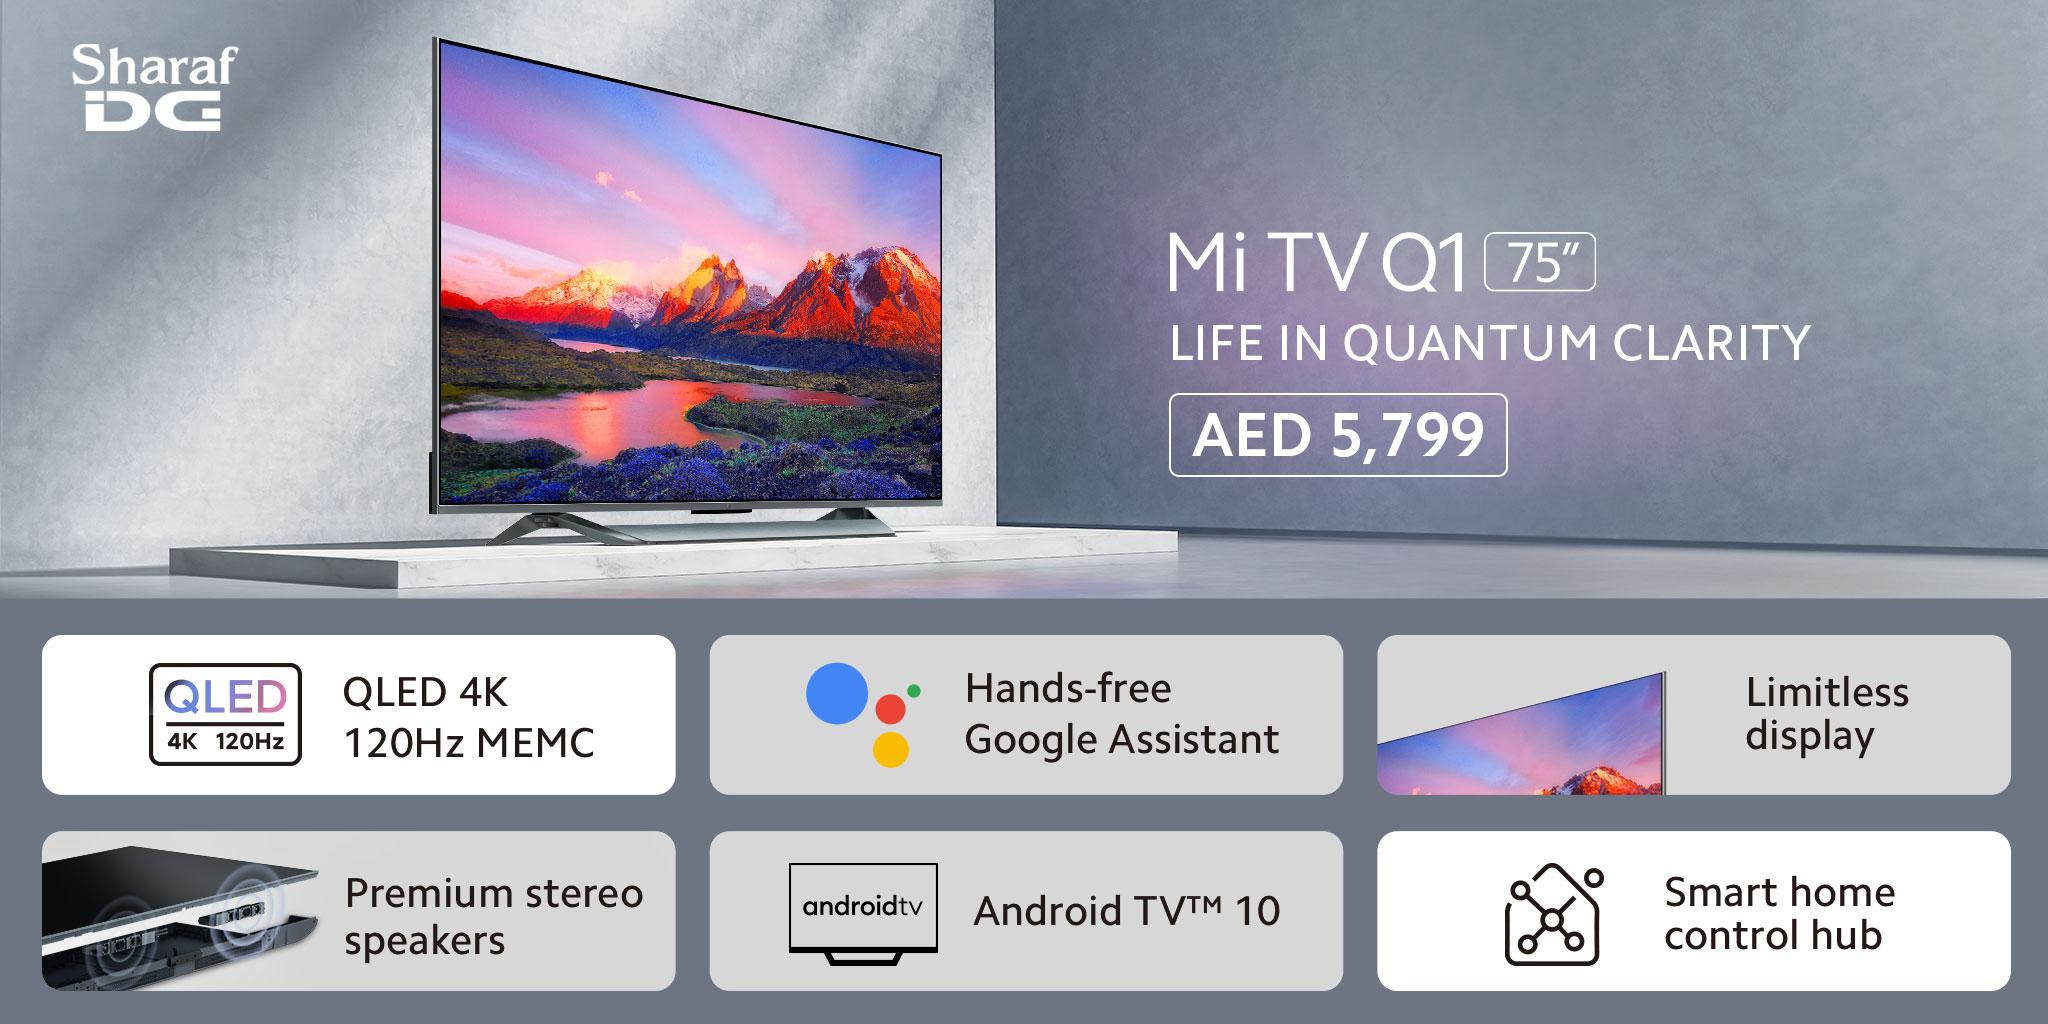 مزايا تلفزيون Mi TV Q1 75 مقاس 75 بوصة